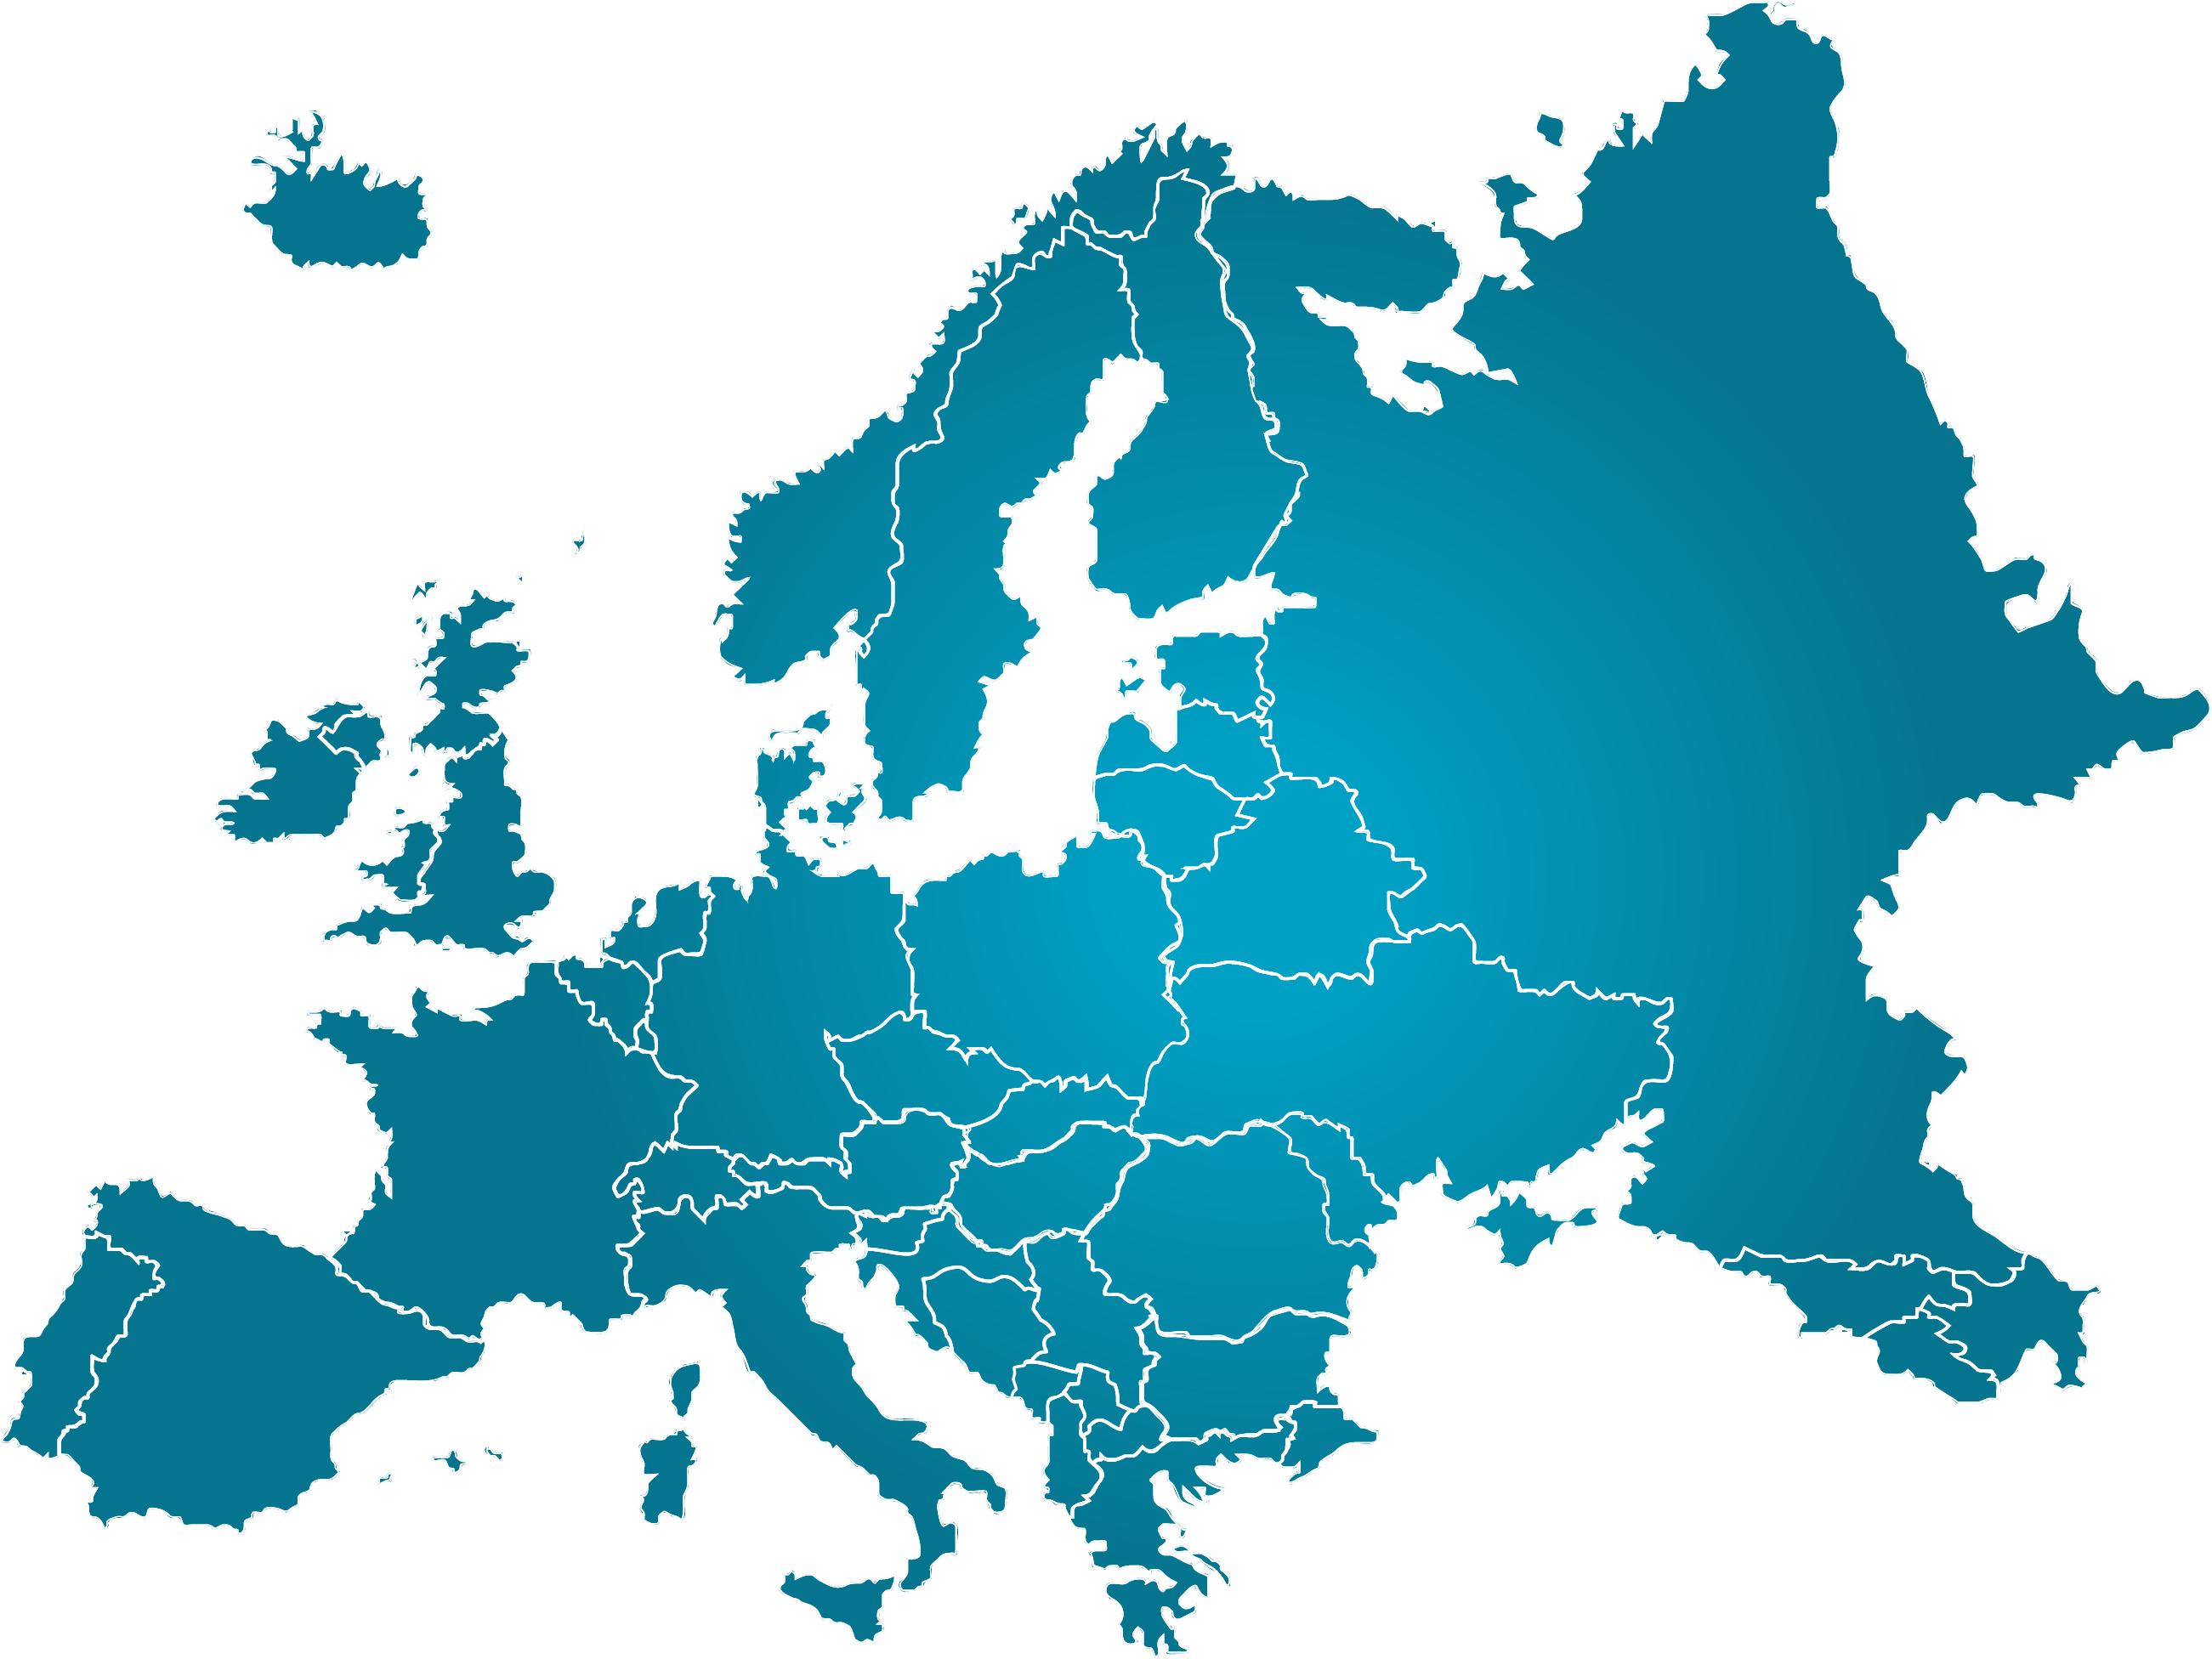 Uralgebirge Karte.Europa Verteidigen Ja Aber Gegen Wen Und Wofür Kritisches Netzwerk